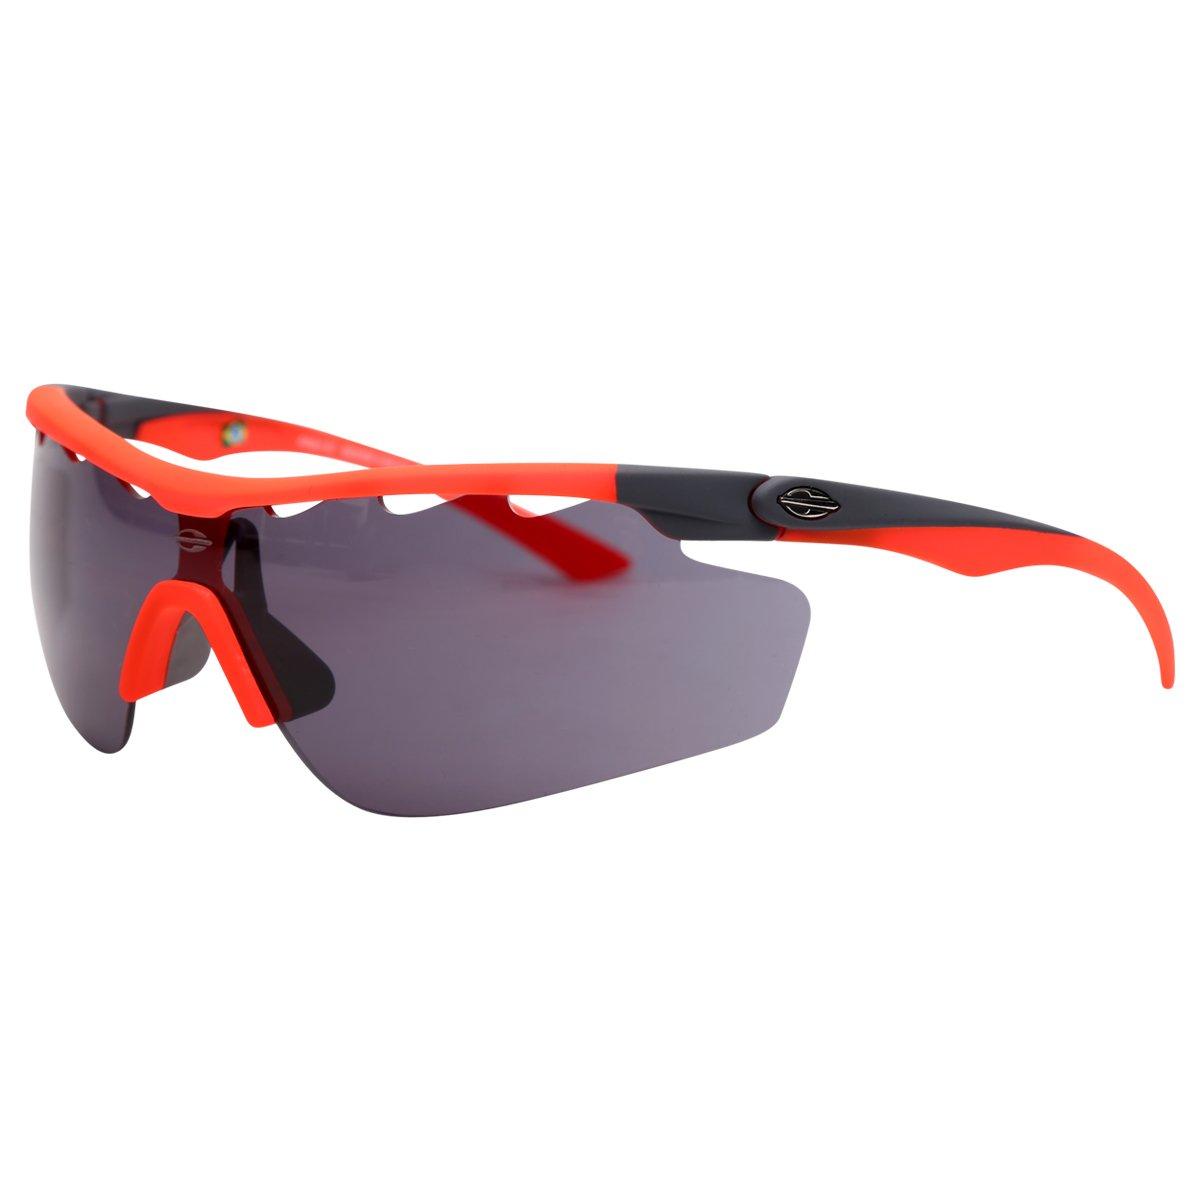 Óculos Mormaii Athlon 3 - Vermelho - Compre Agora   Netshoes f5bac9859f